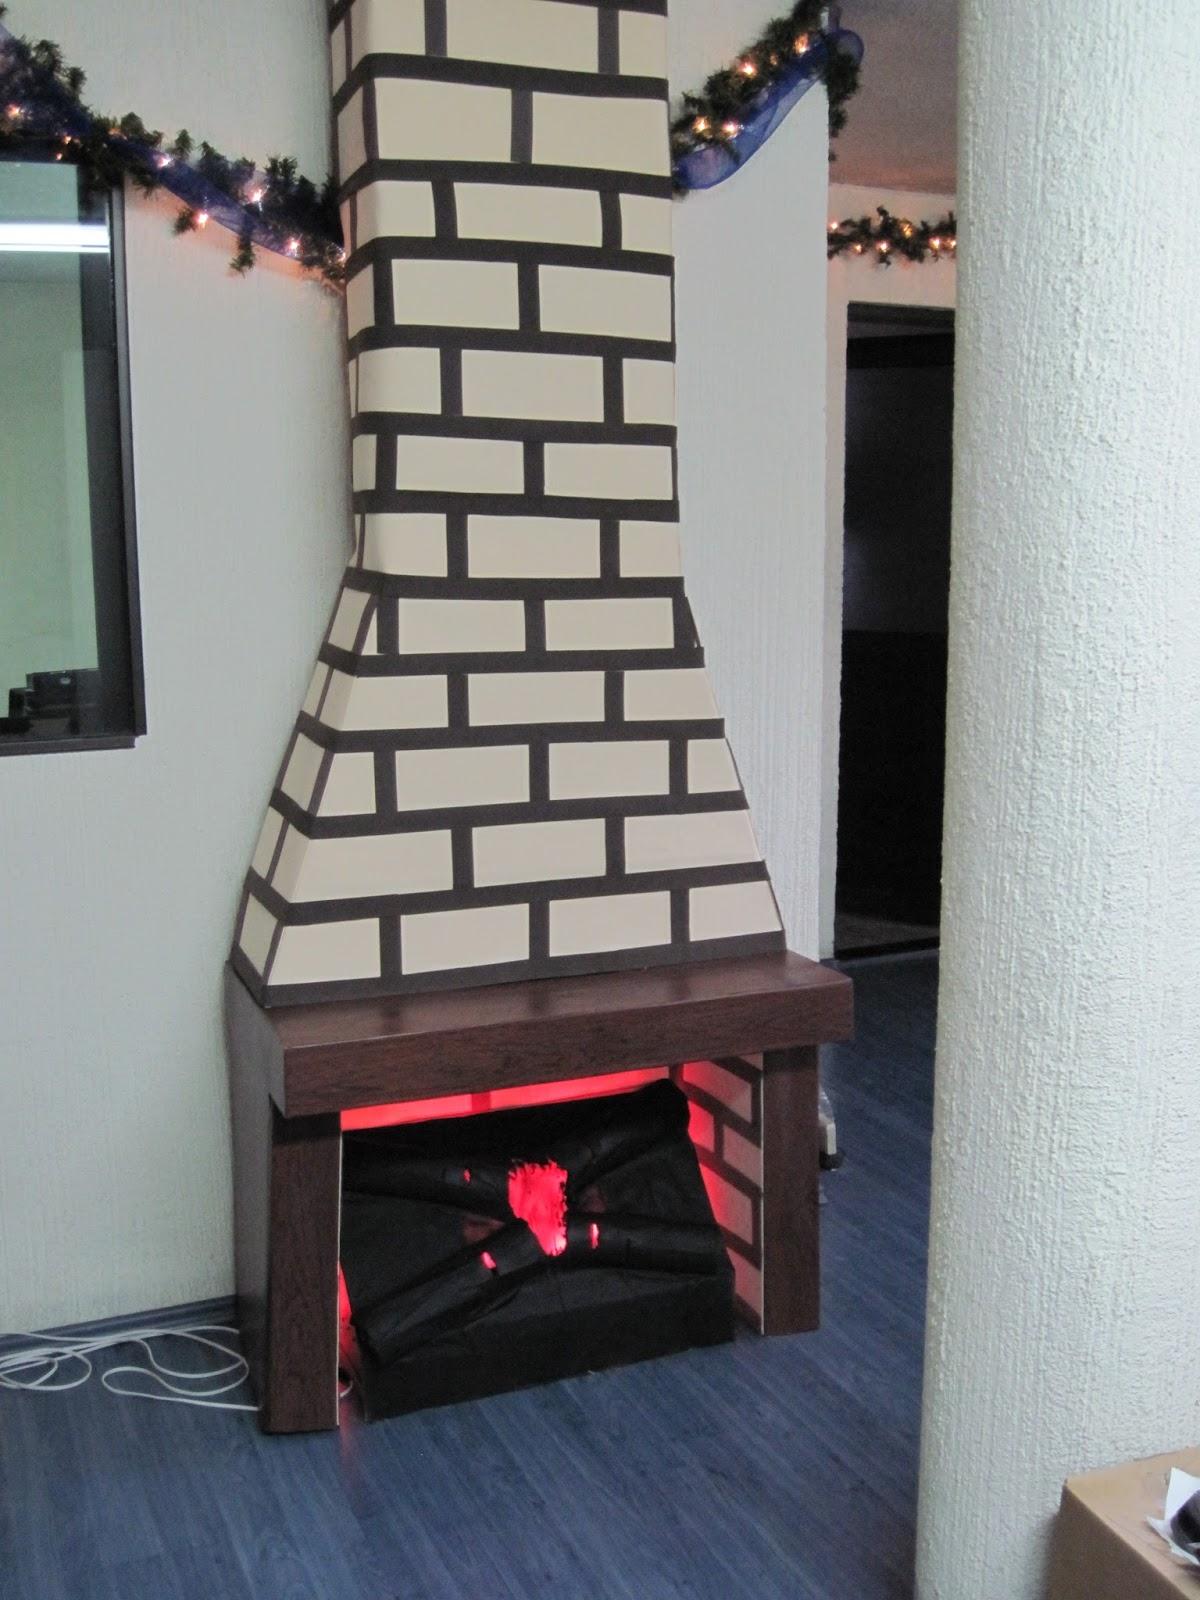 Proyectos ocios y ms Como Hacer una Chimenea decorativa Homemade